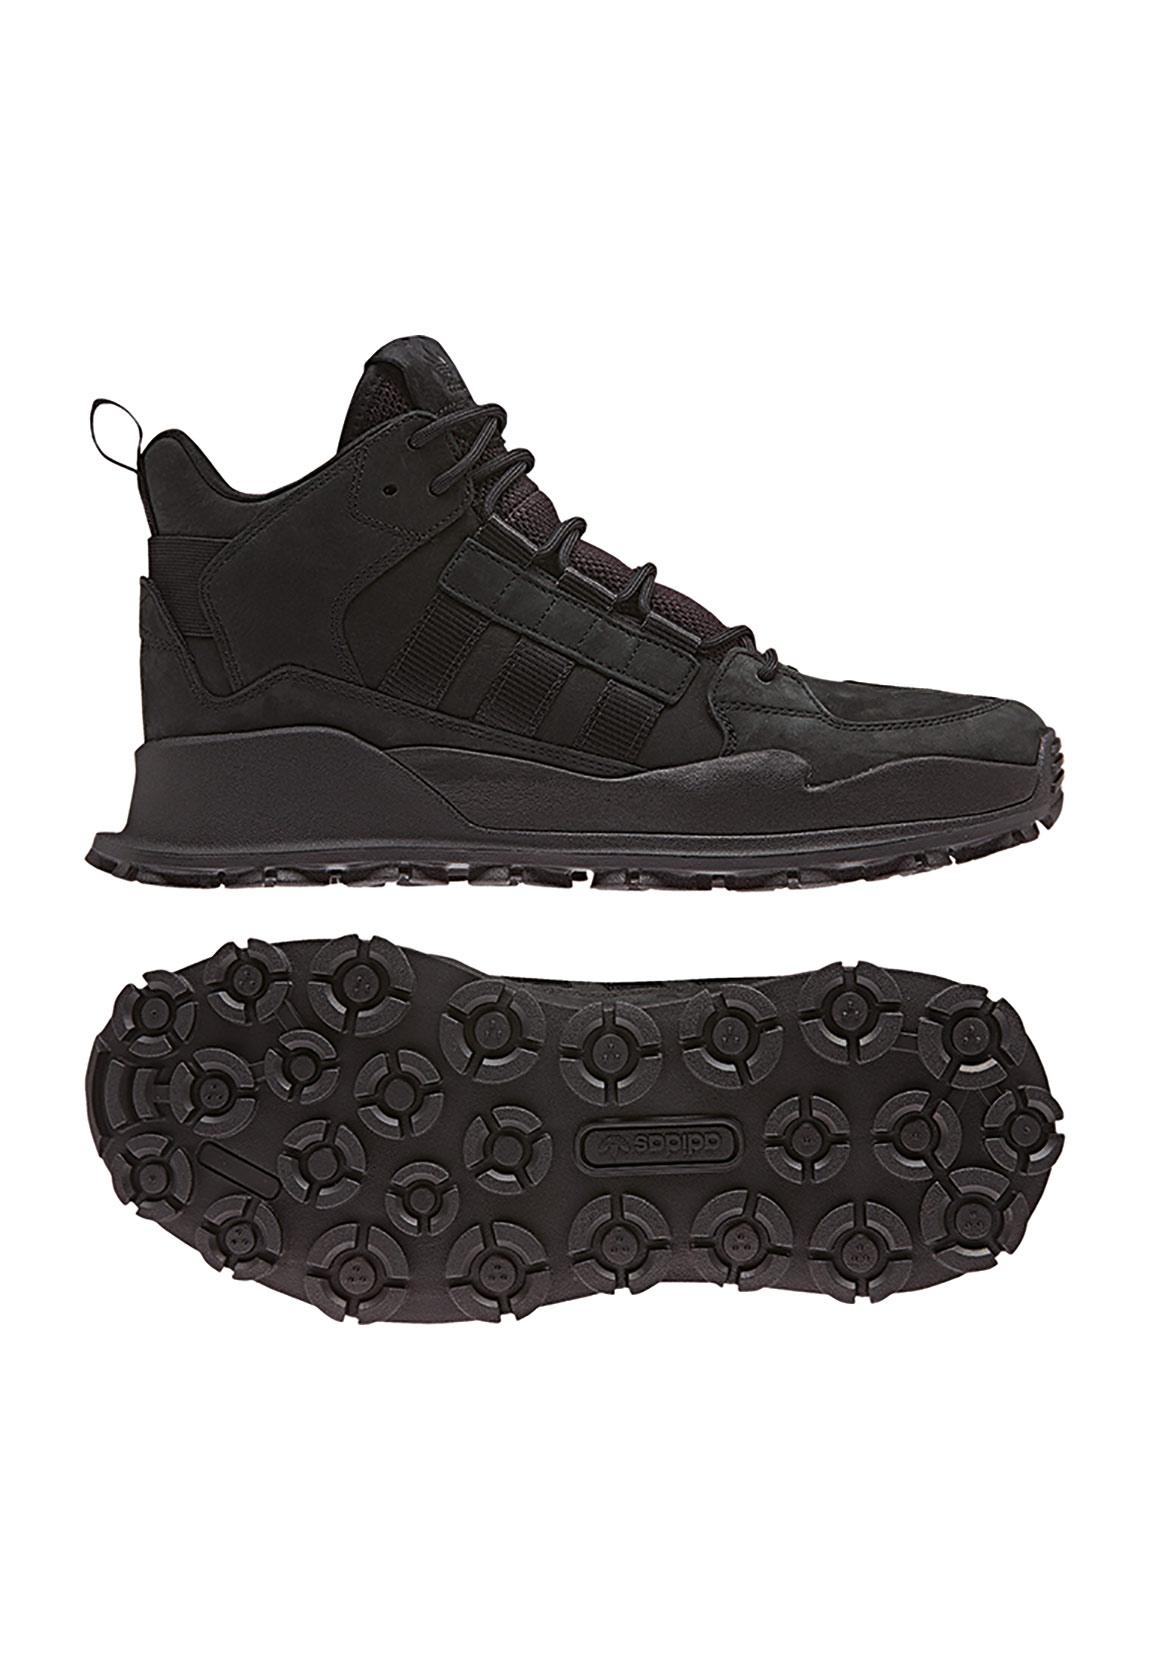 san francisco 0890b a5e97 Manufacturer  Adidas Originals